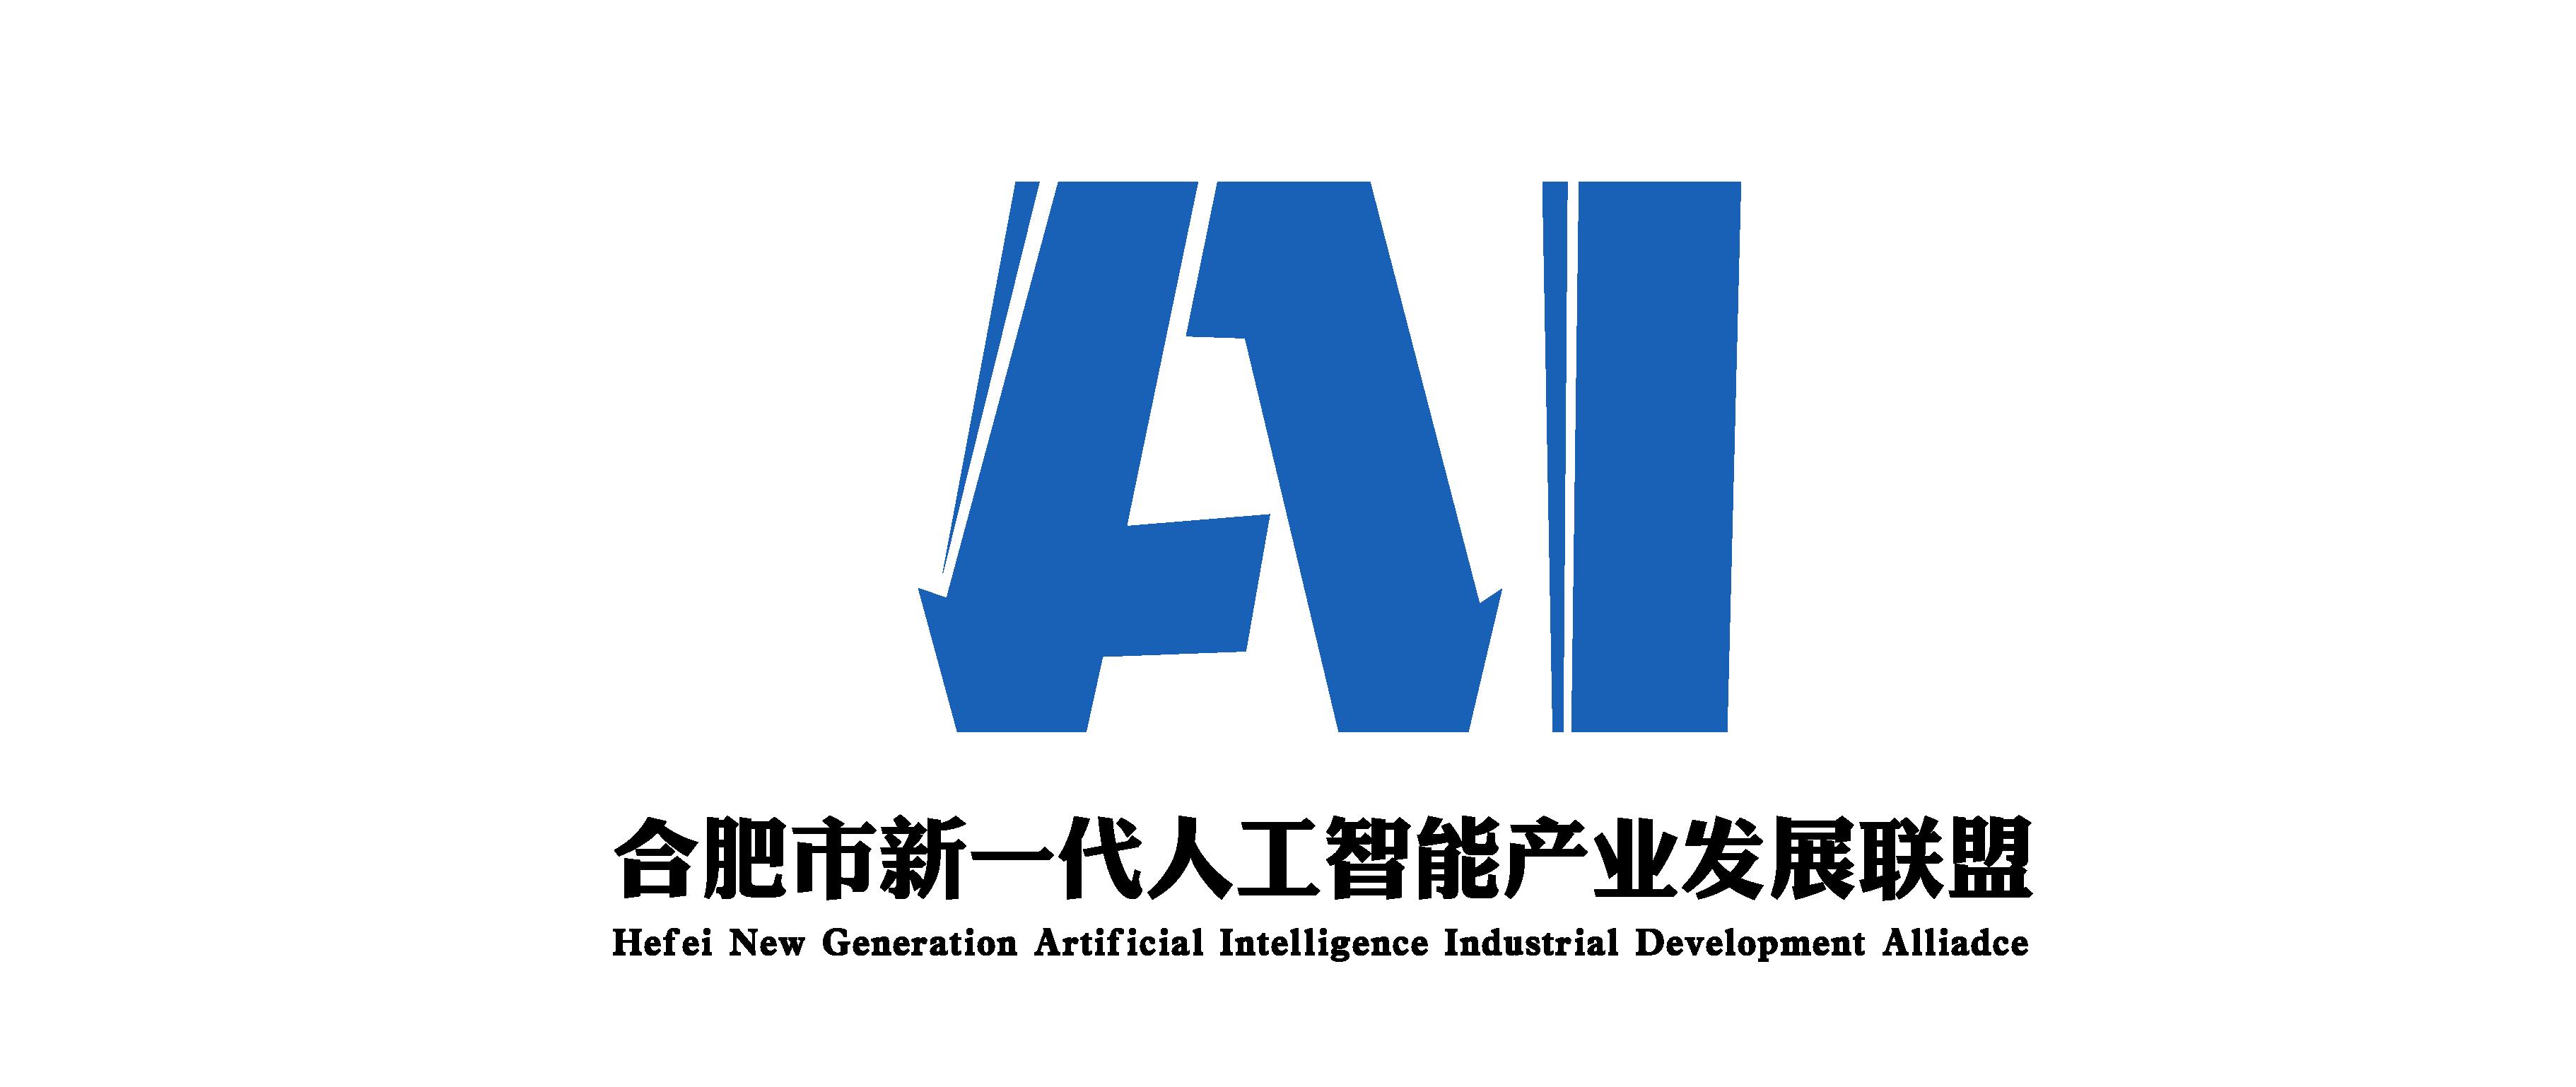 人工智能发展联盟